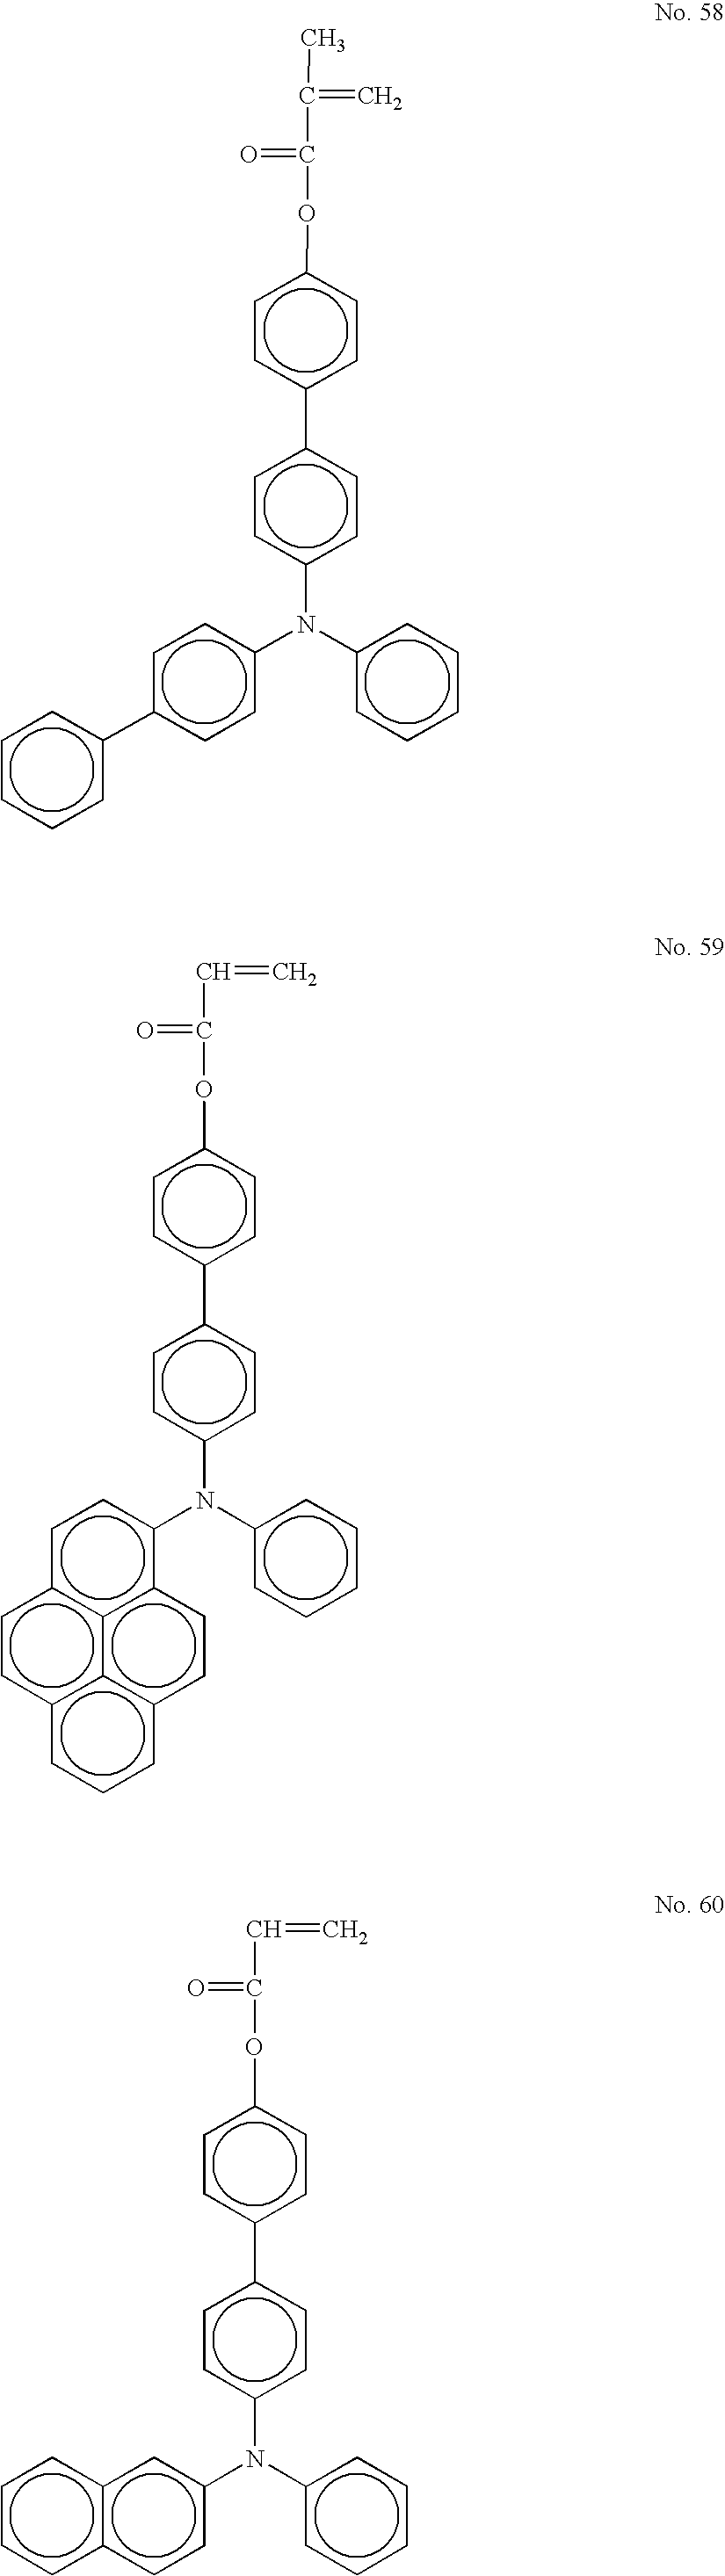 Figure US07175957-20070213-C00031